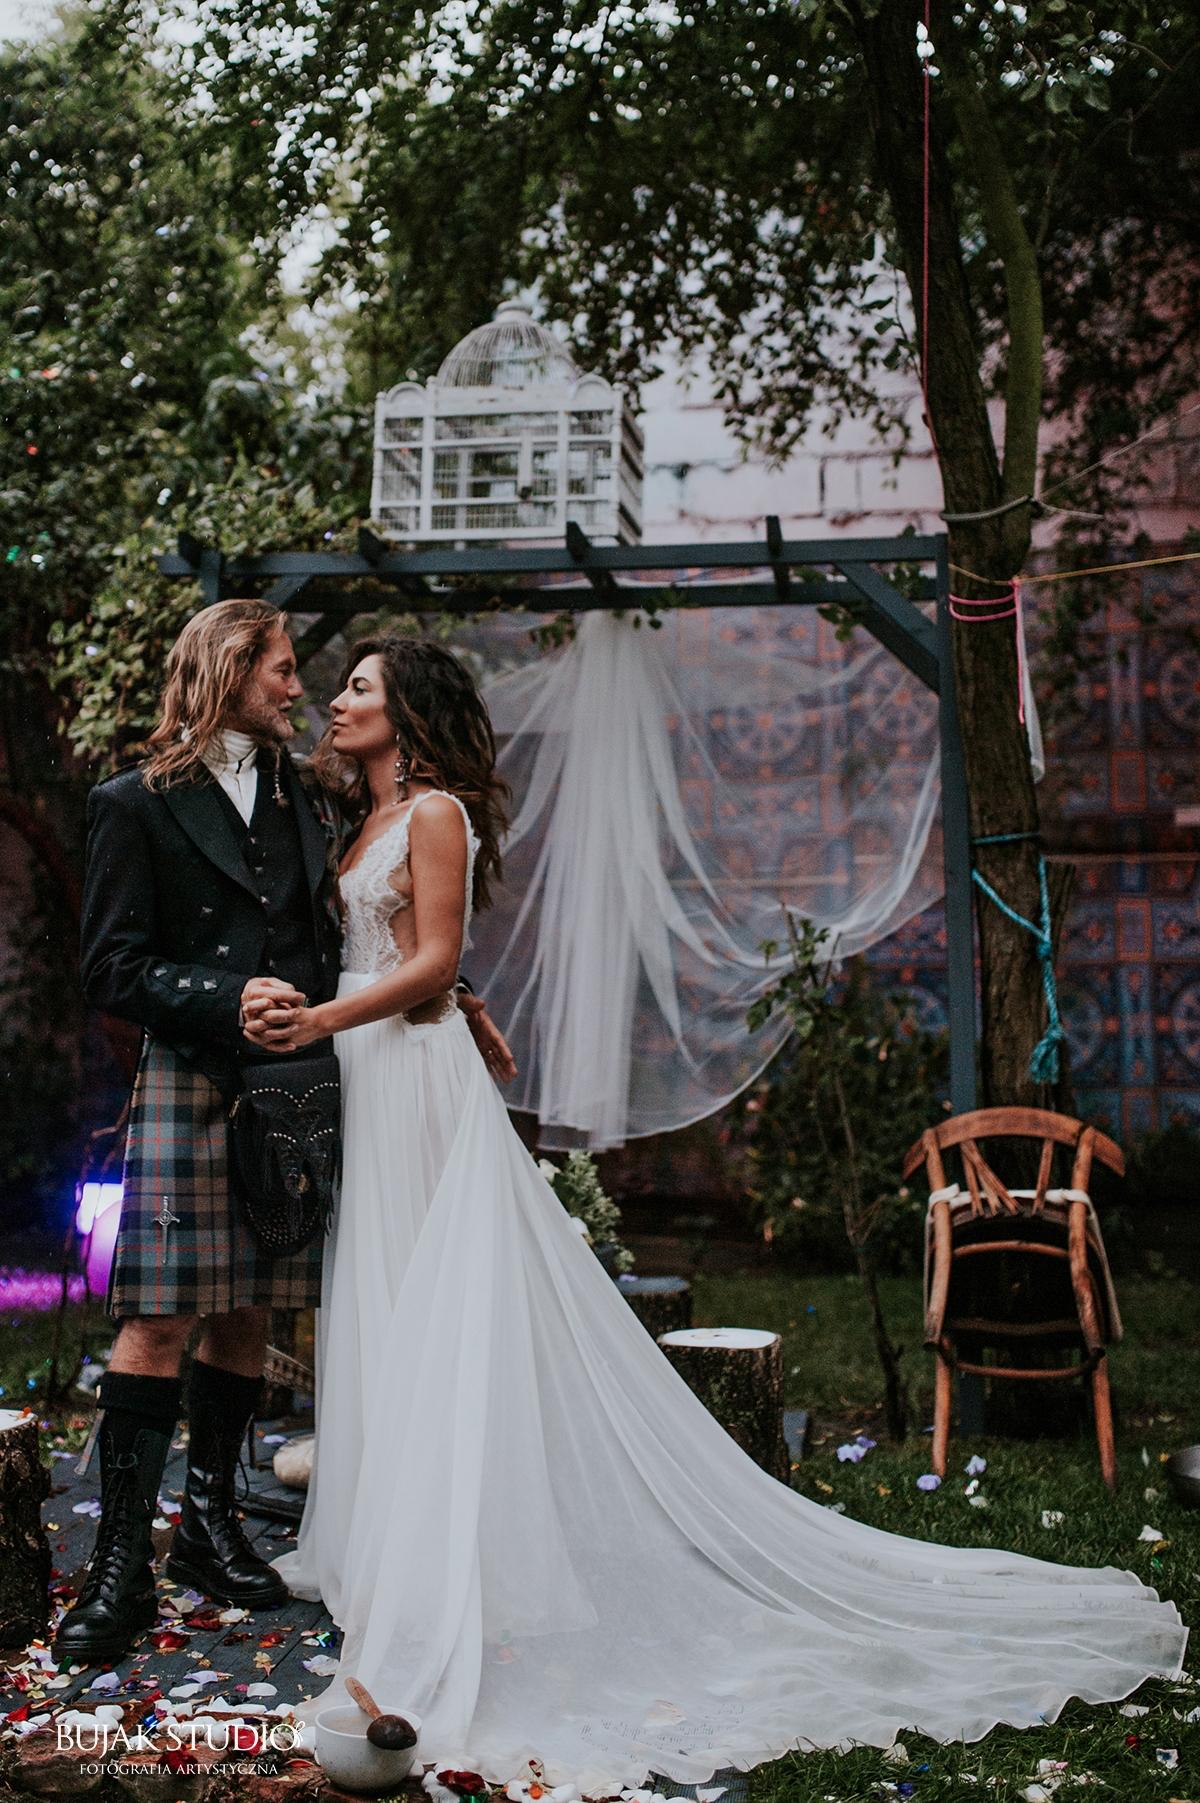 John and Julia - Kilt and Wedding dress